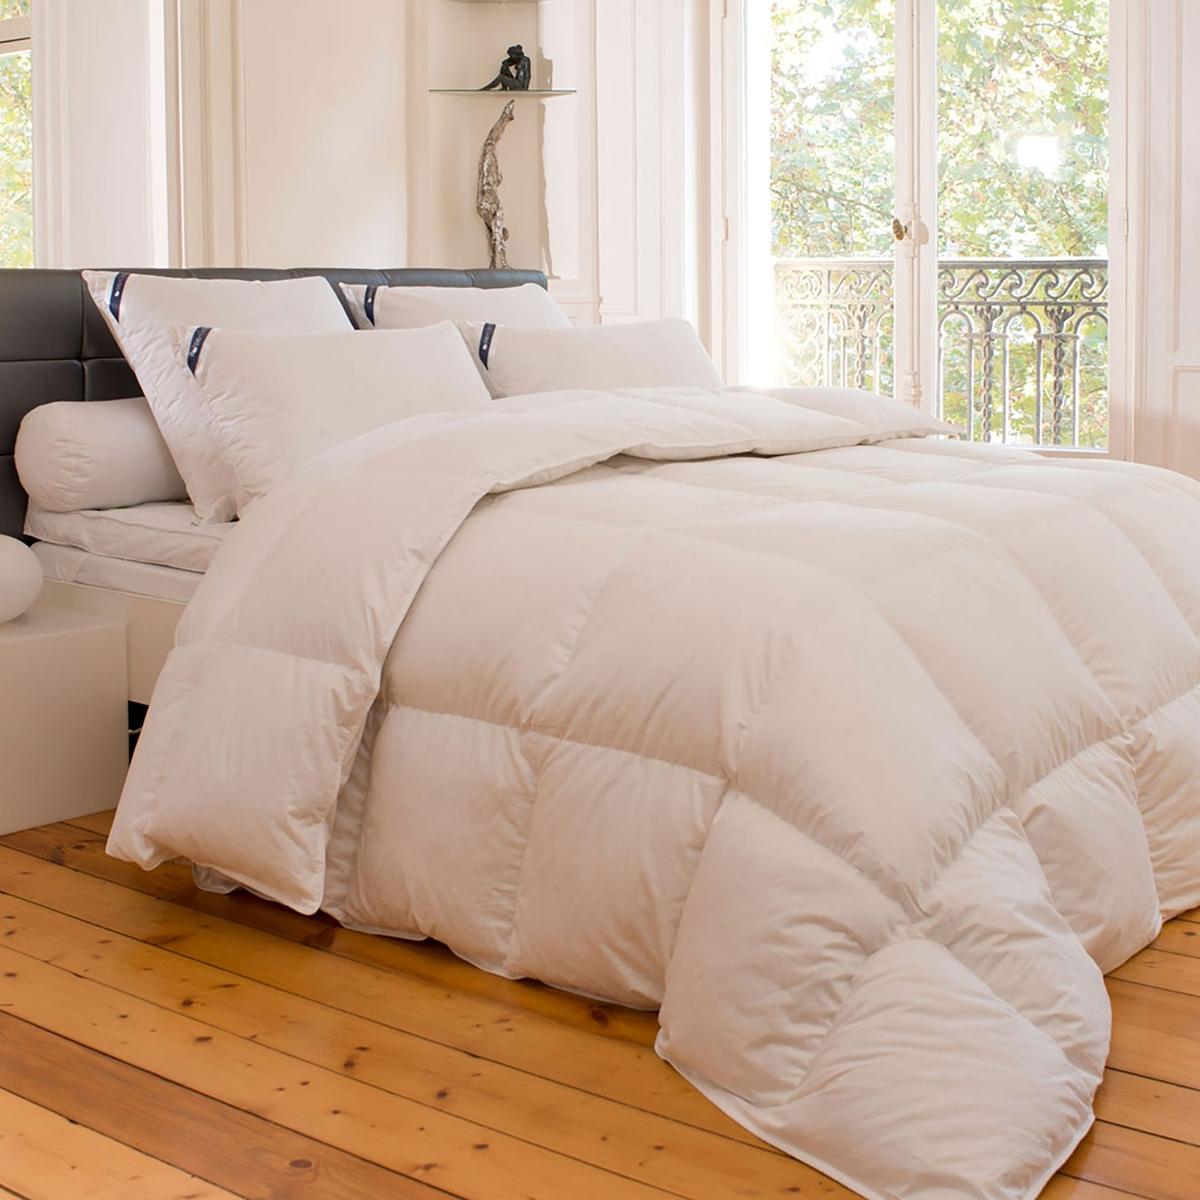 Одеяло натуральное  « Univers» . Натуральное качество очень белого гусиного пуха. оборудование для переработки гусиного помета в омске